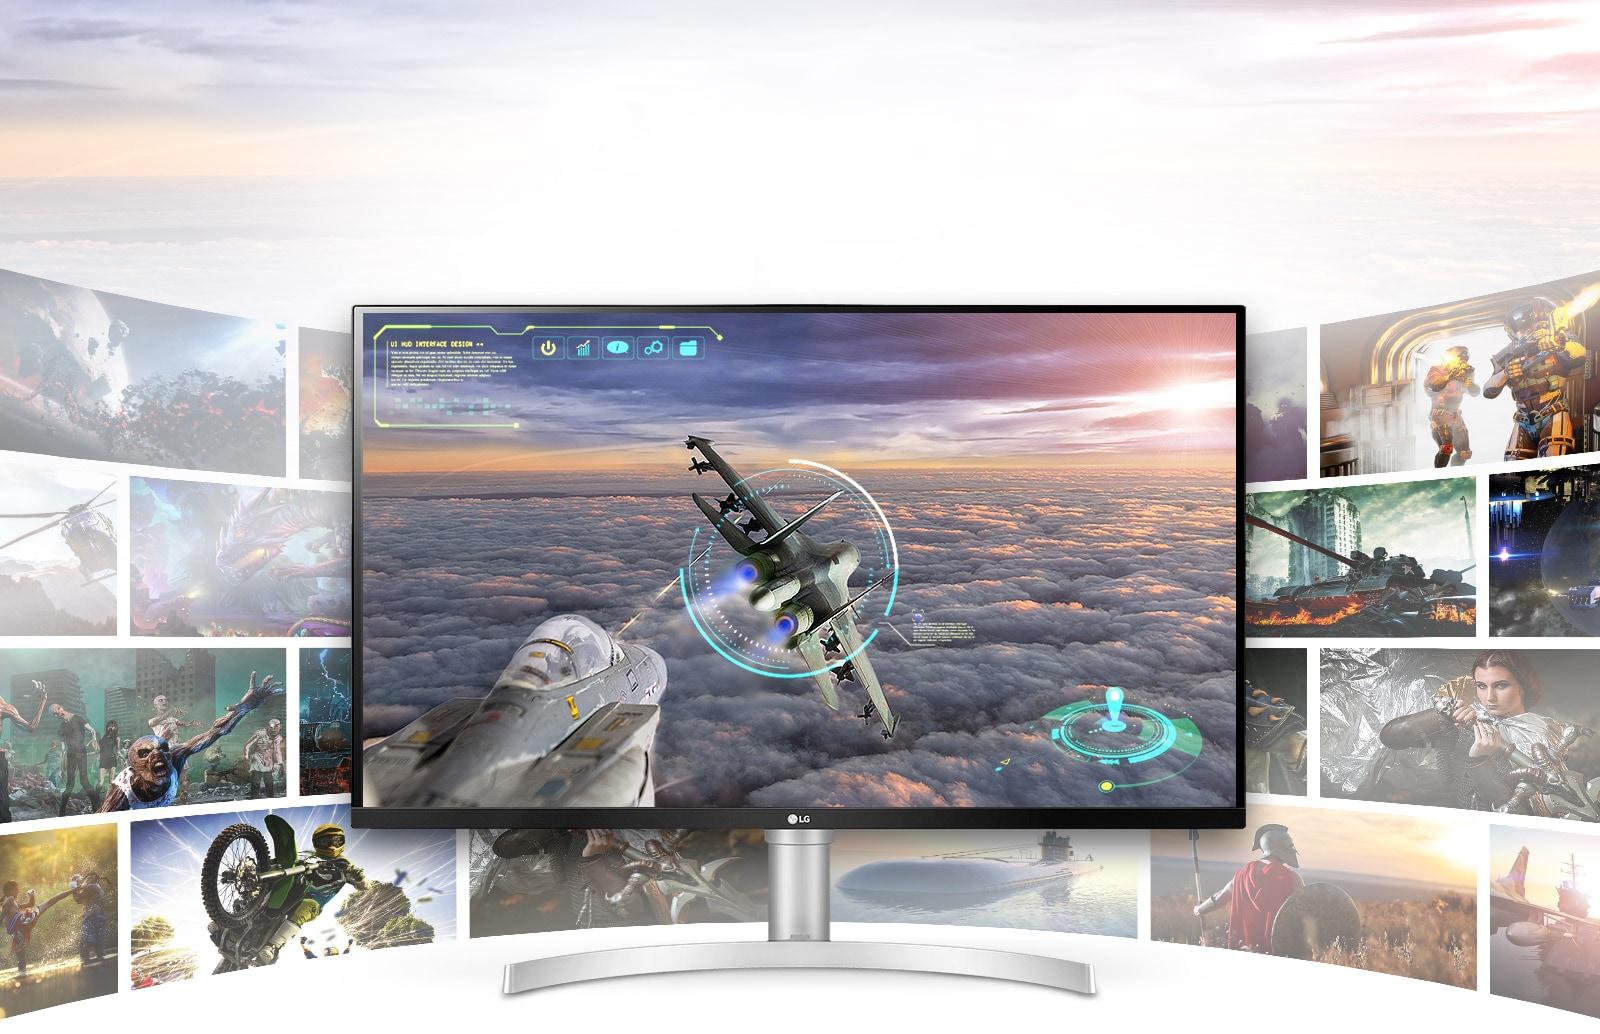 Escena de juego con una claridad excepcional y detalles en la pantalla LG UHD 4K